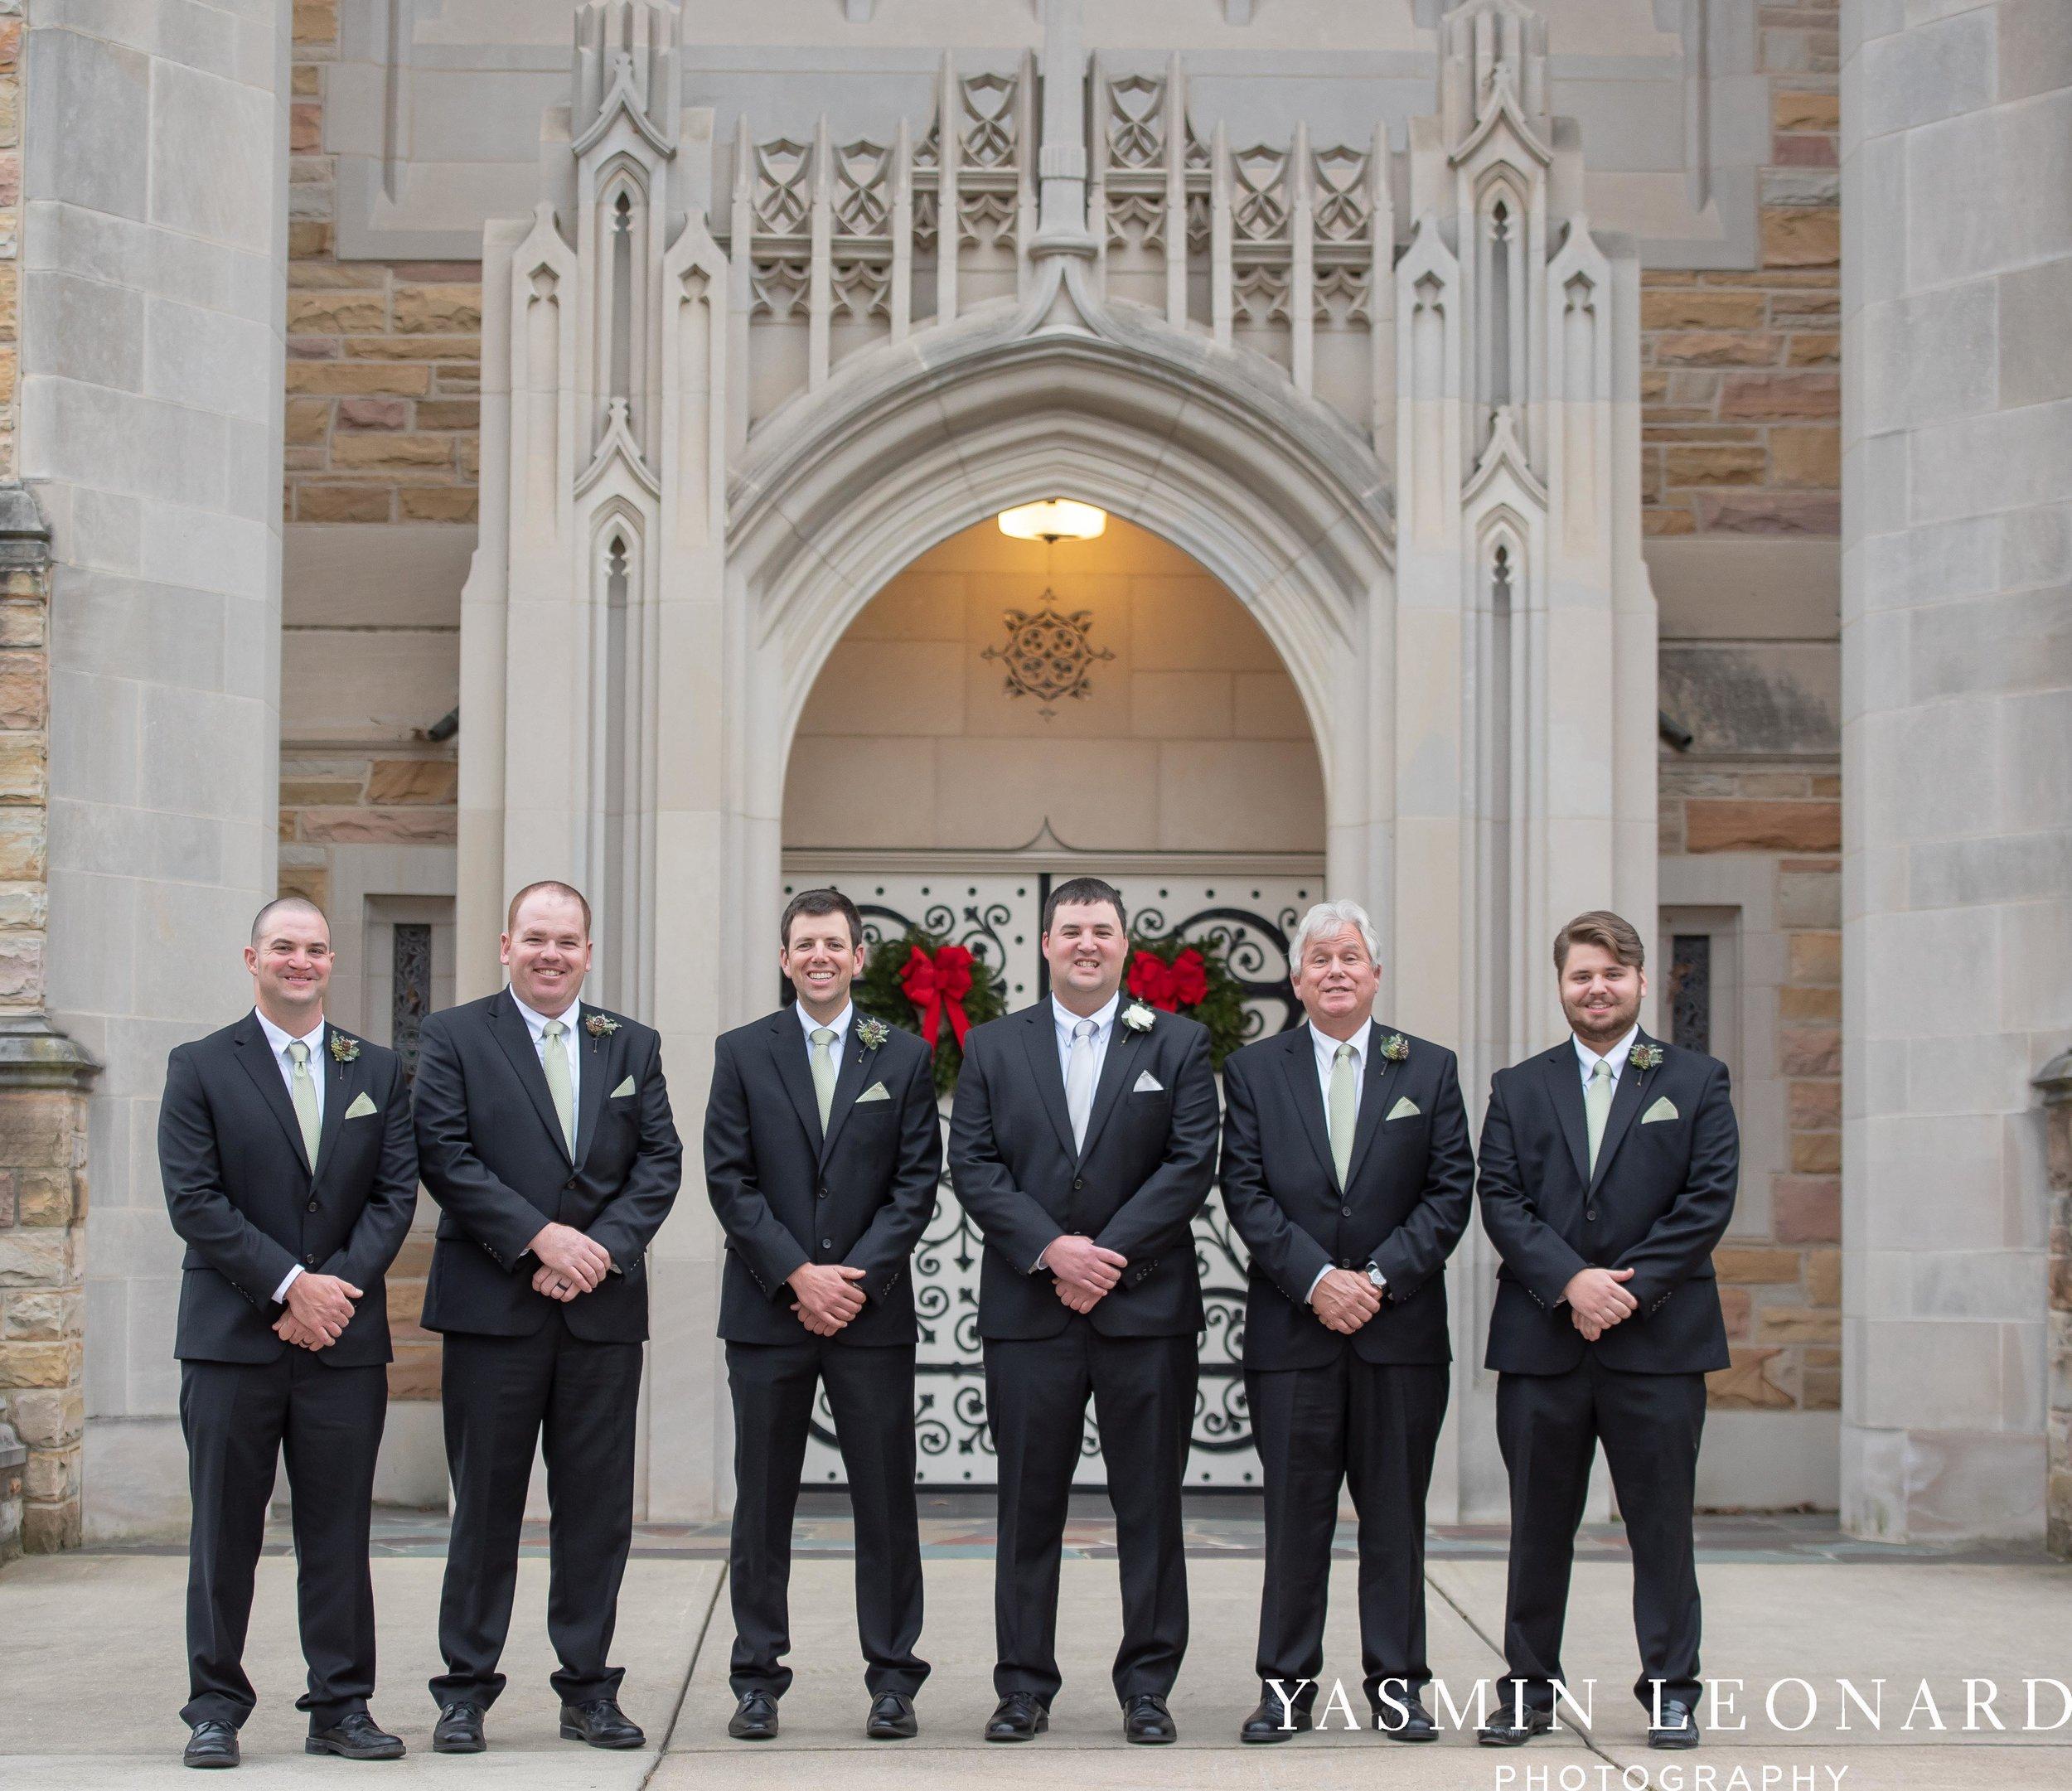 Adaumont Farm - Wesley Memorial Weddings - High Point Weddings - Just Priceless - NC Wedding Photographer - Yasmin Leonard Photography - High Point Wedding Vendors-12.jpg